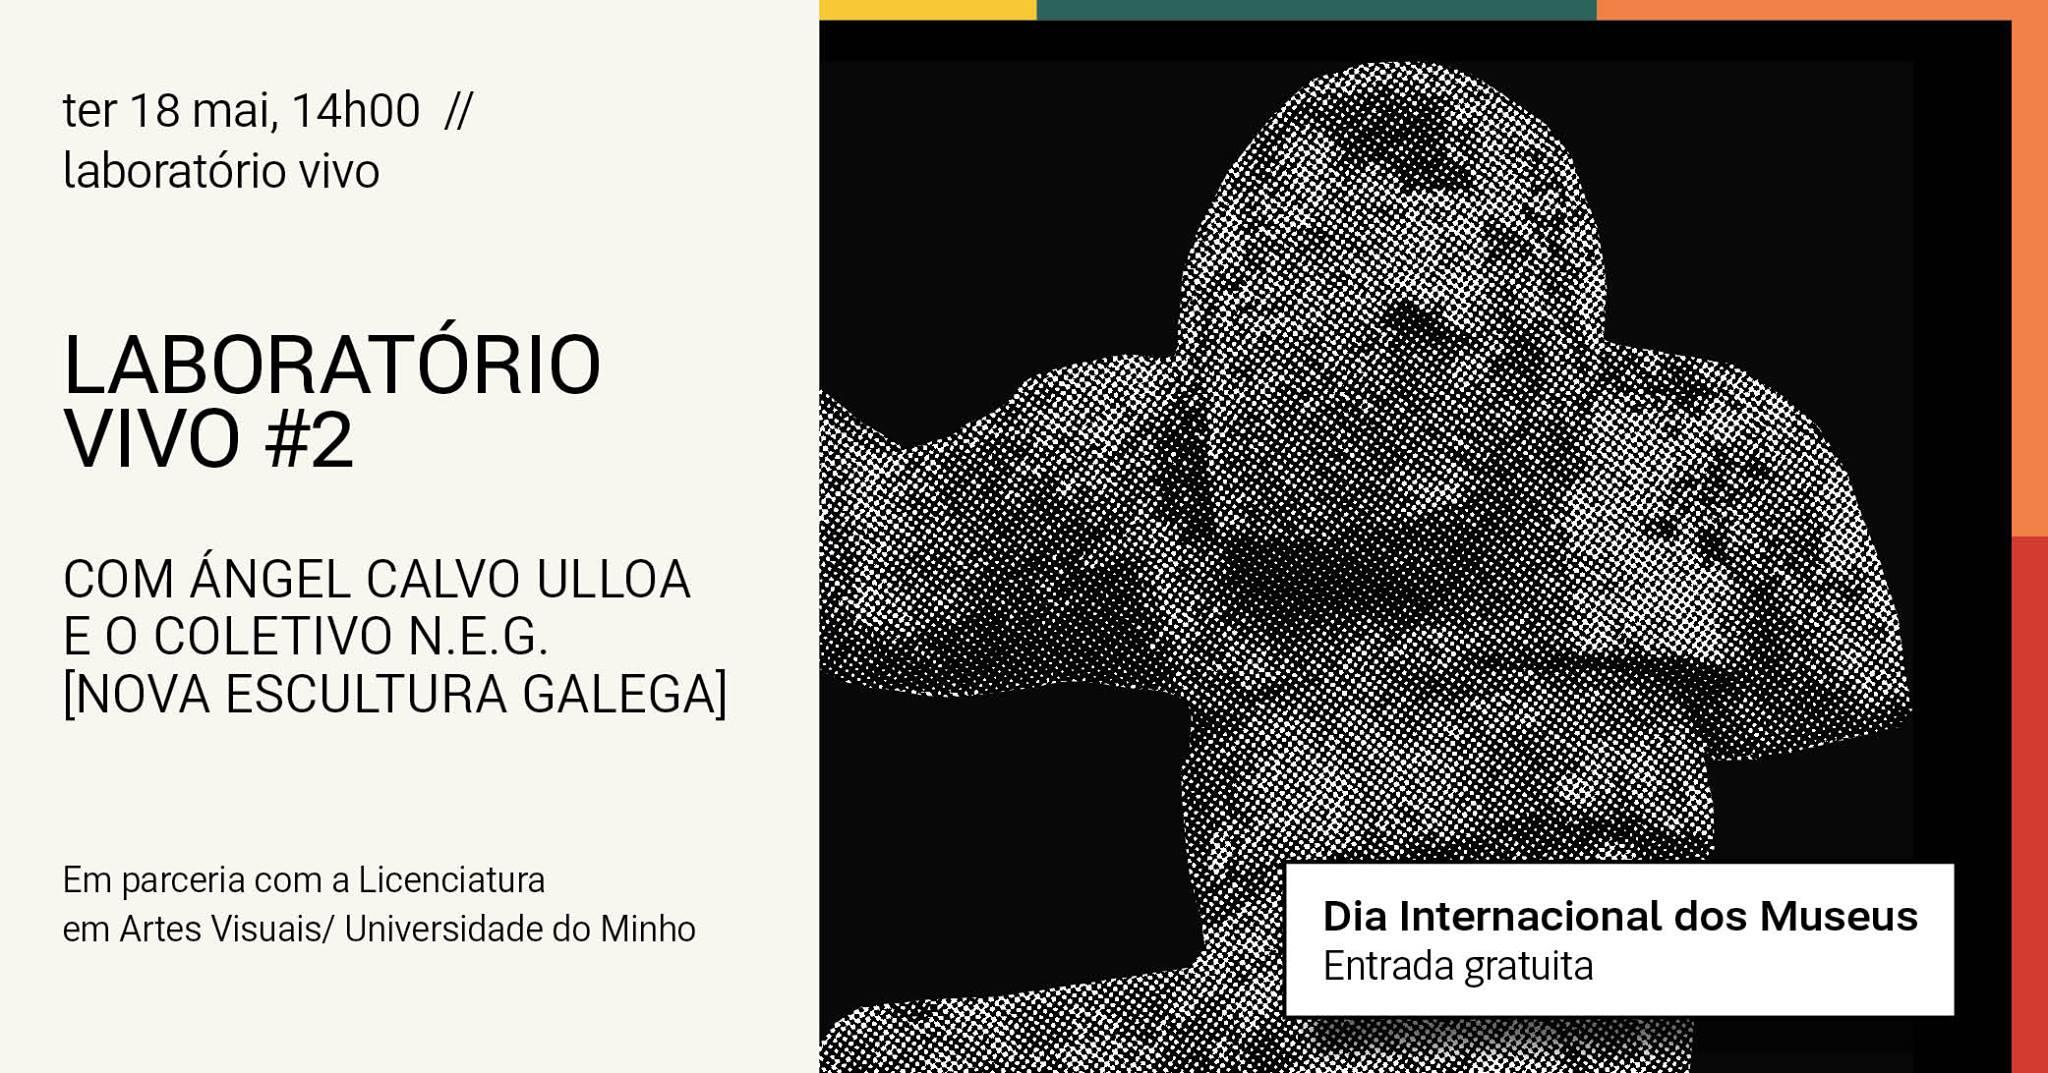 Laboratório Vivo #2/ Com Ángel Calvo Ulloa e o coletivo N.E.G. [Nova Escultura Galega]